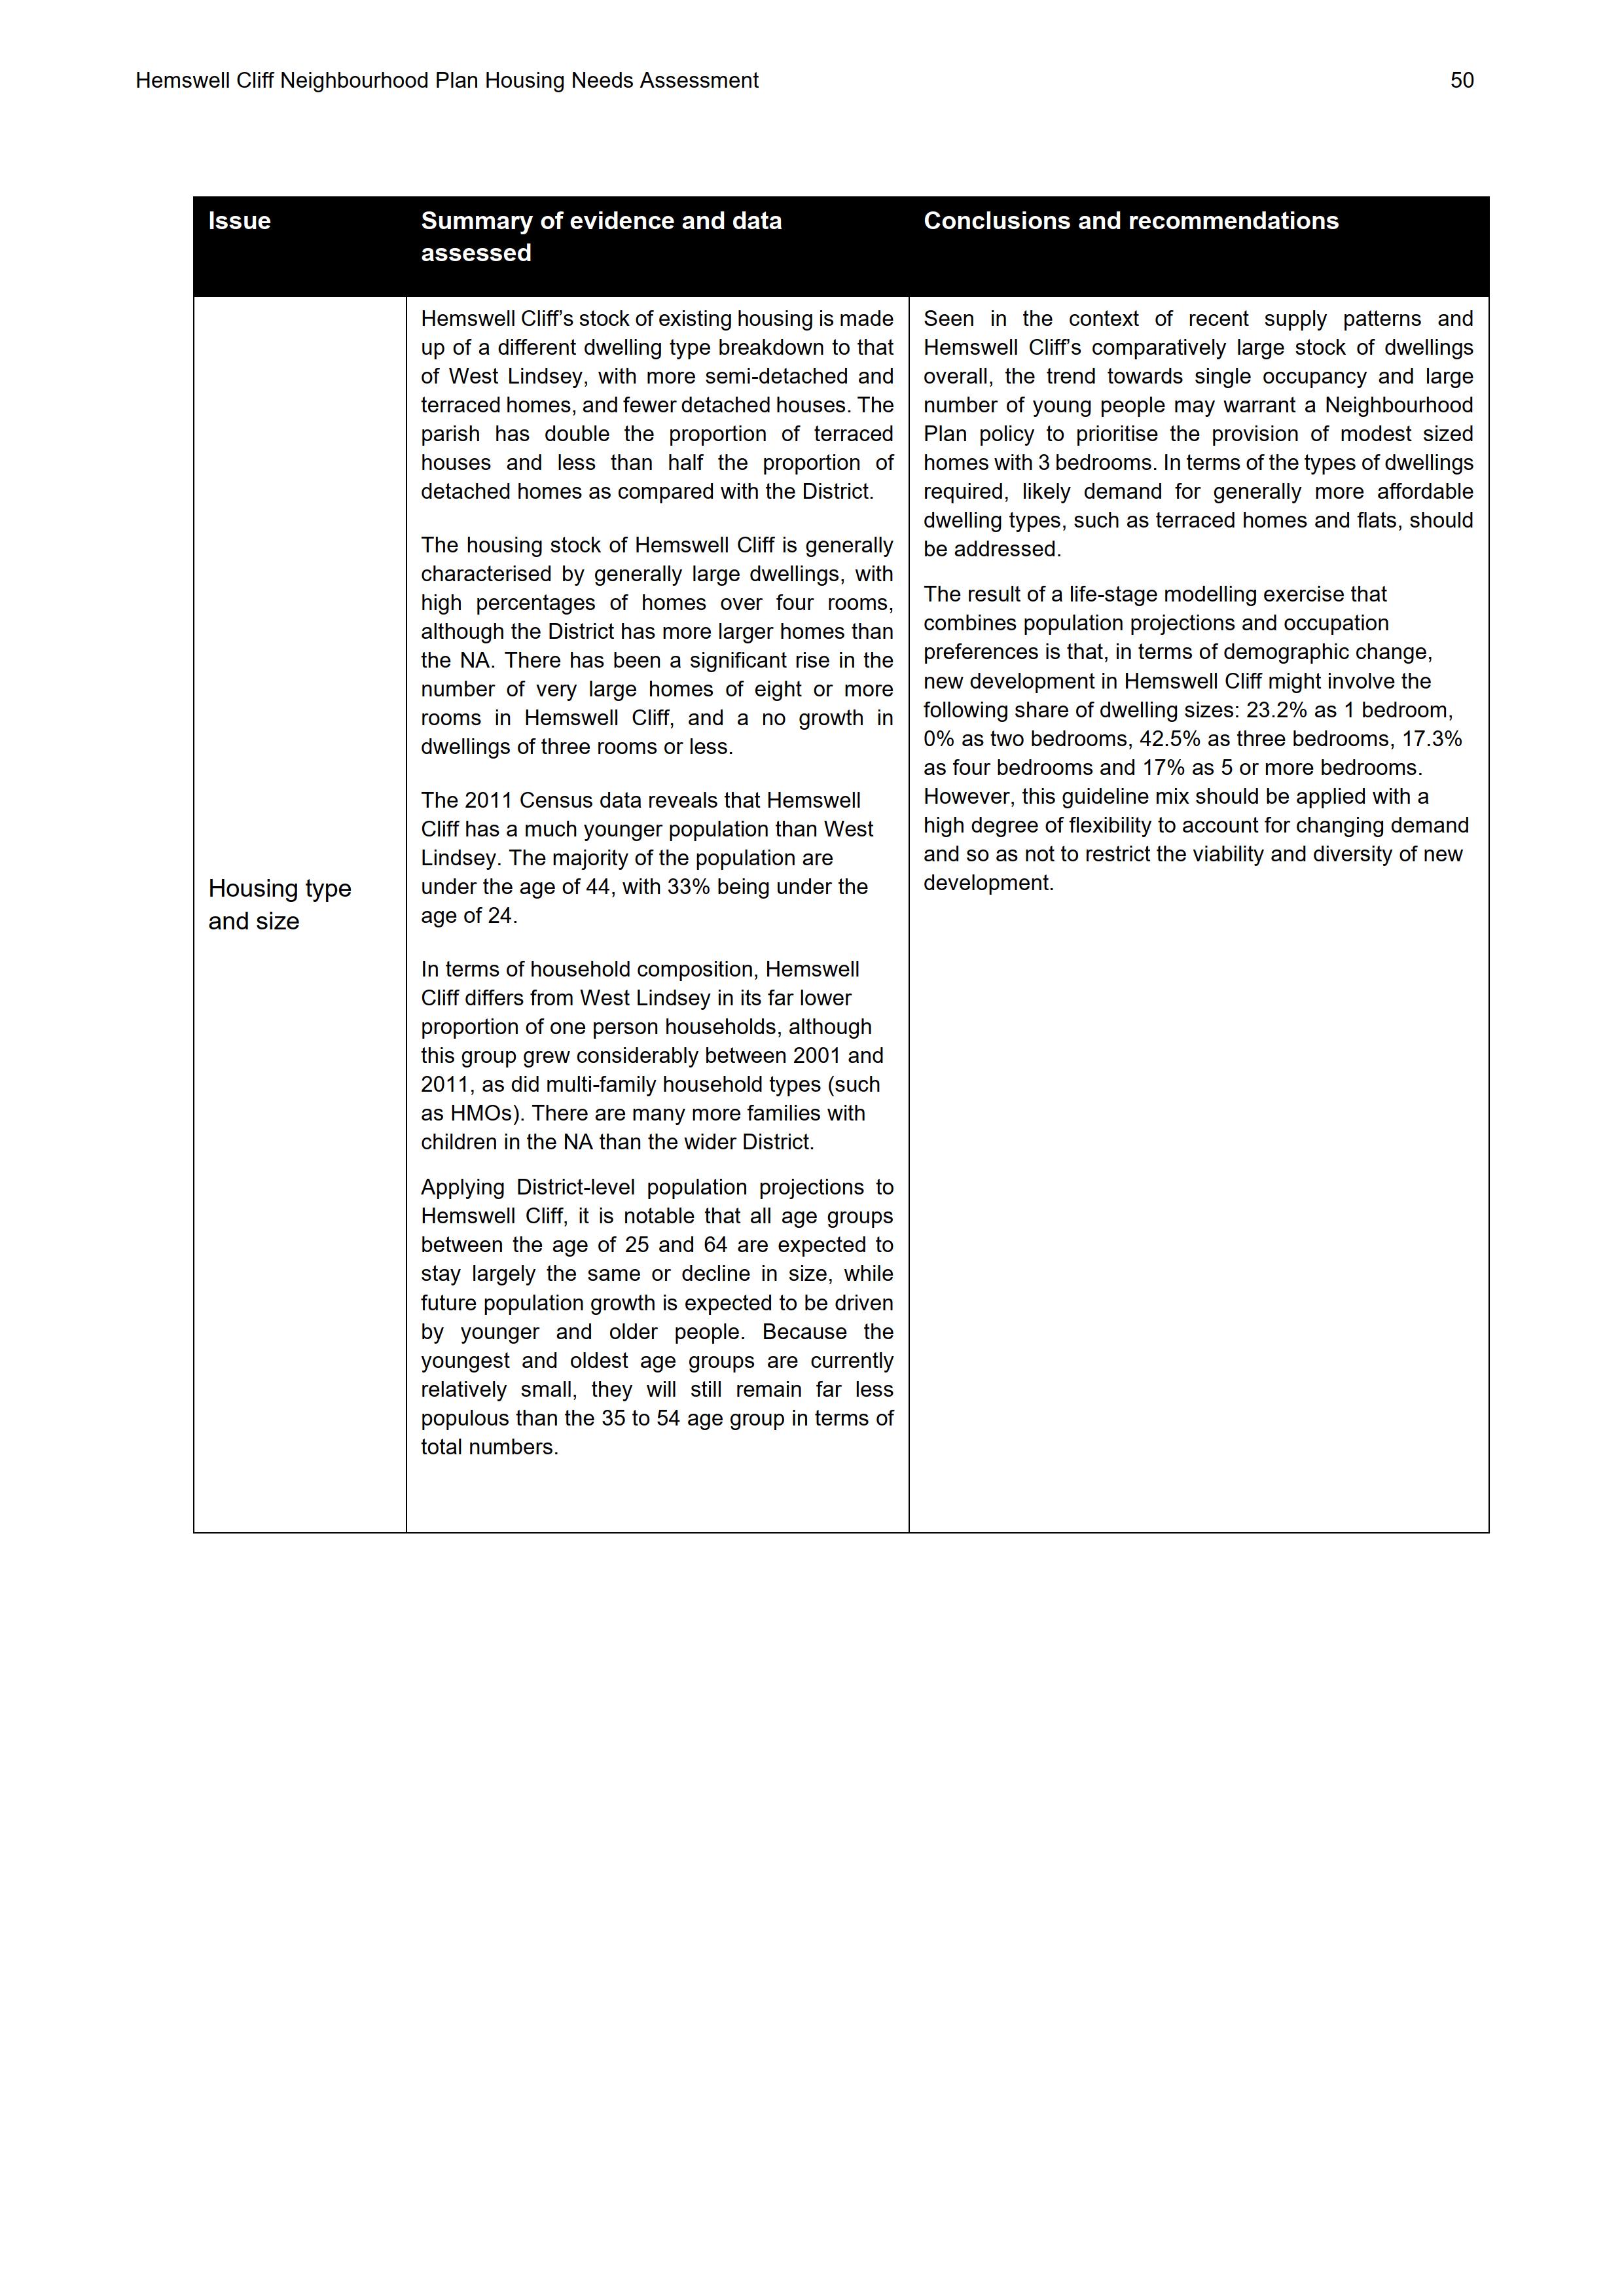 Hemswell_Cliff_Housing_Needs_Assessment_Final_50.png